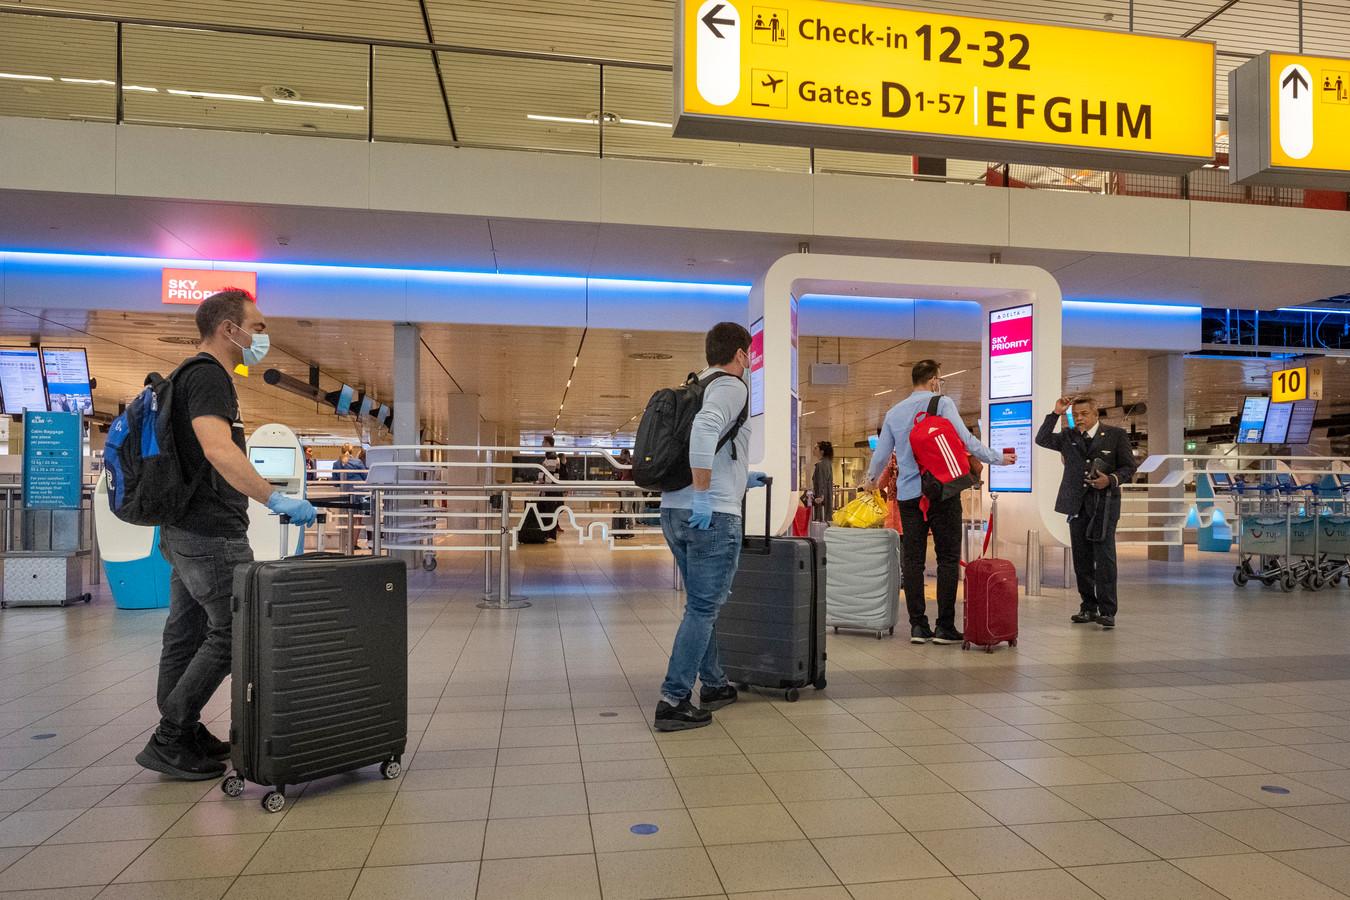 Transavia vliegt weer mondjesmaat vanaf Schiphol. Onder meer naar 'oranje gebieden' Lissabon en Faro.